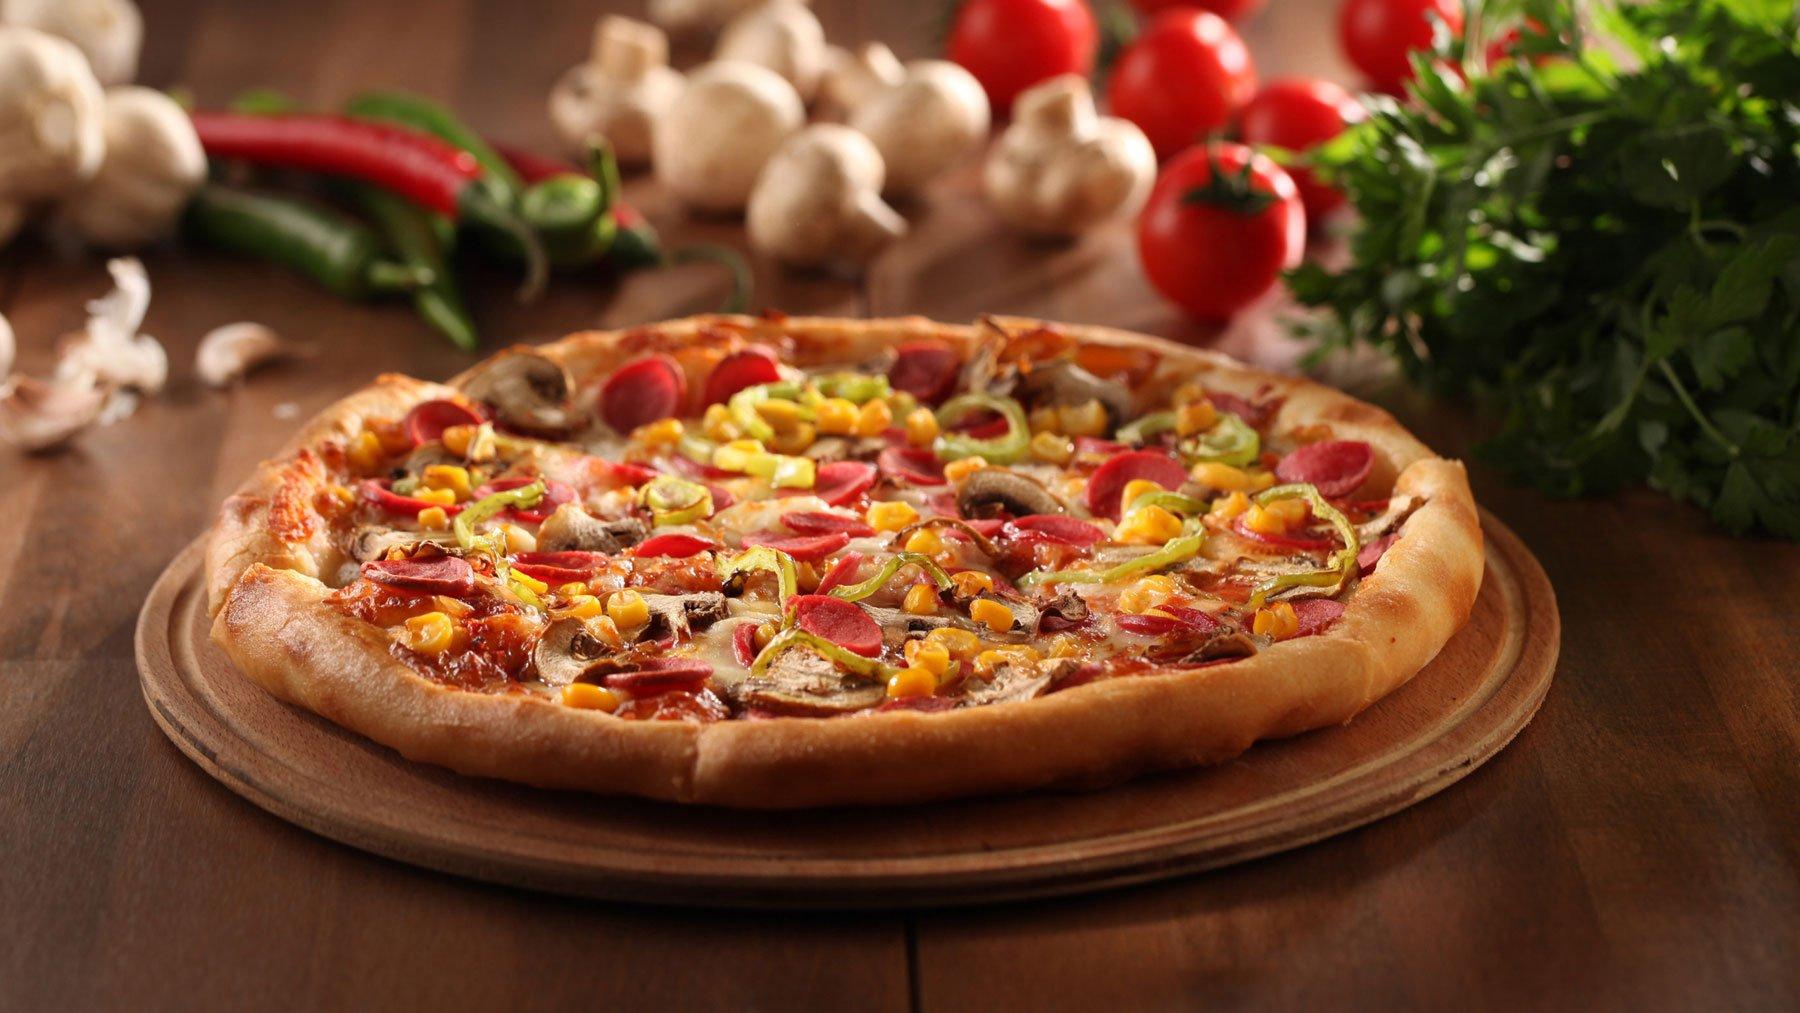 Tagliere di pizza con mais, wurstel , funghi e peperoni verdi a Sarzana (SP)